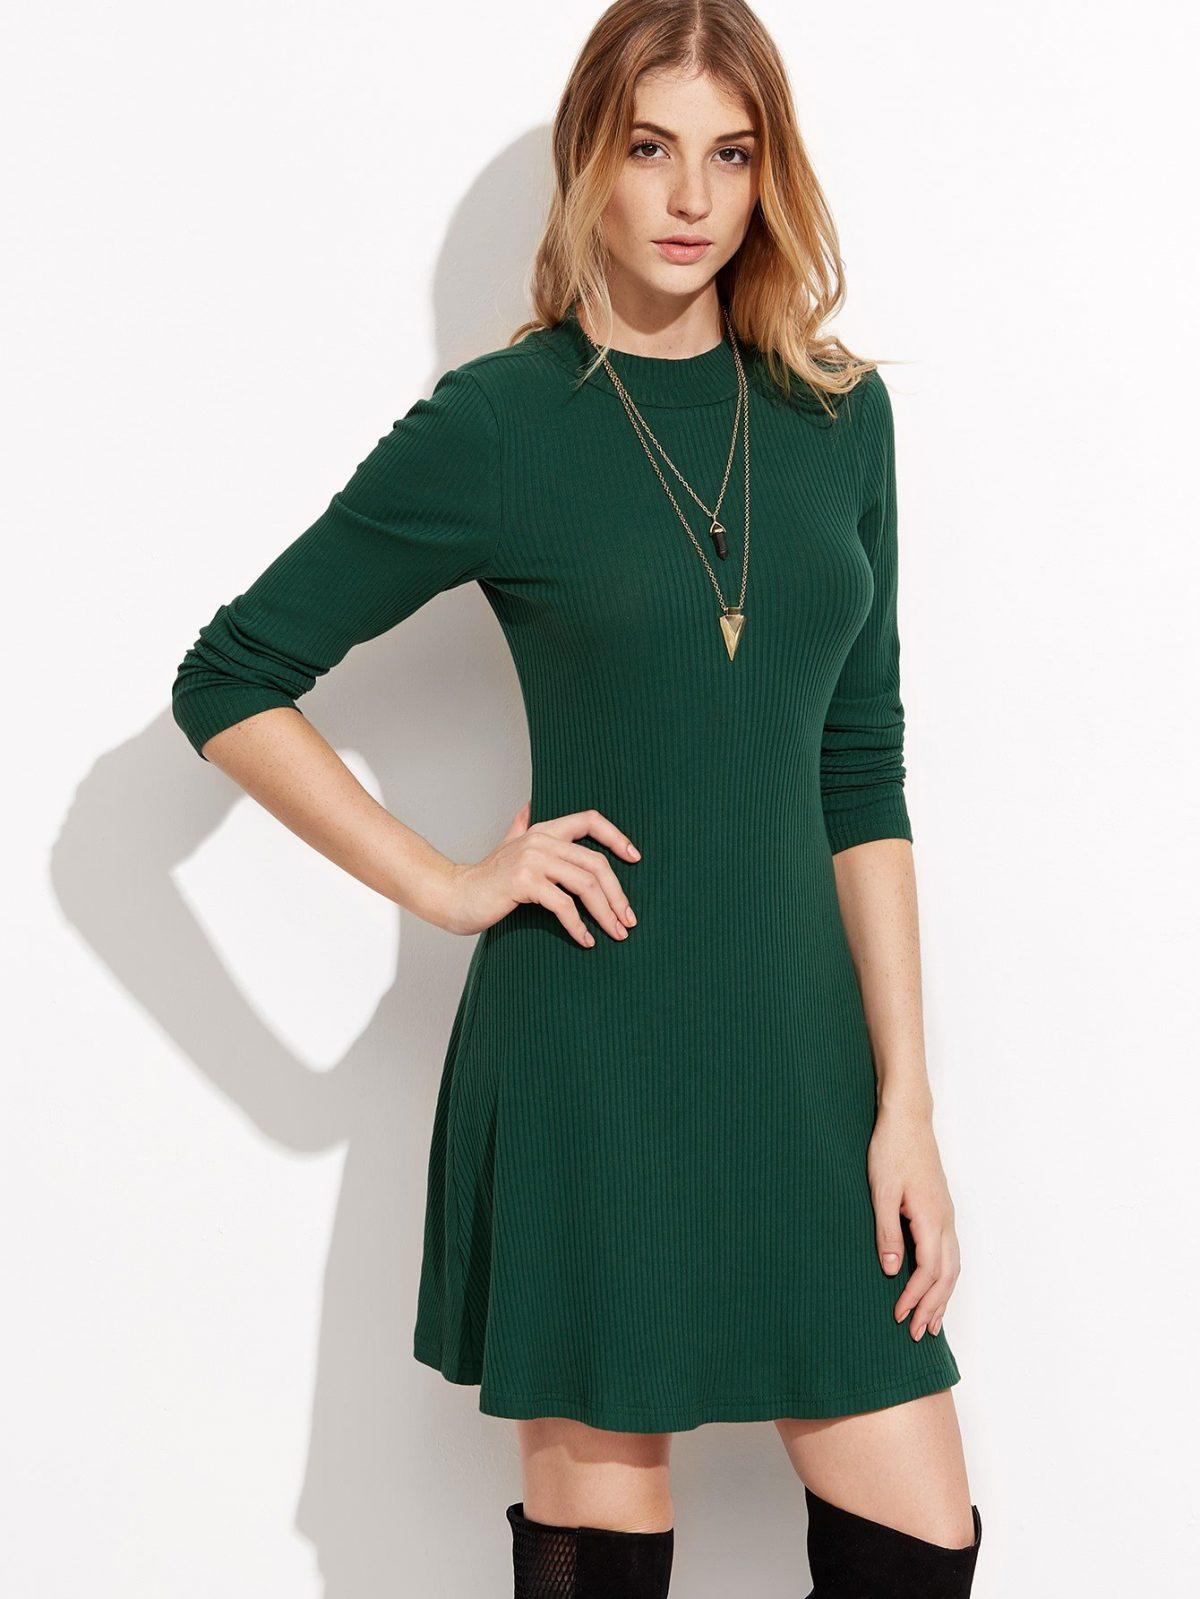 зеленое теплое платье для офиса 2018 модное